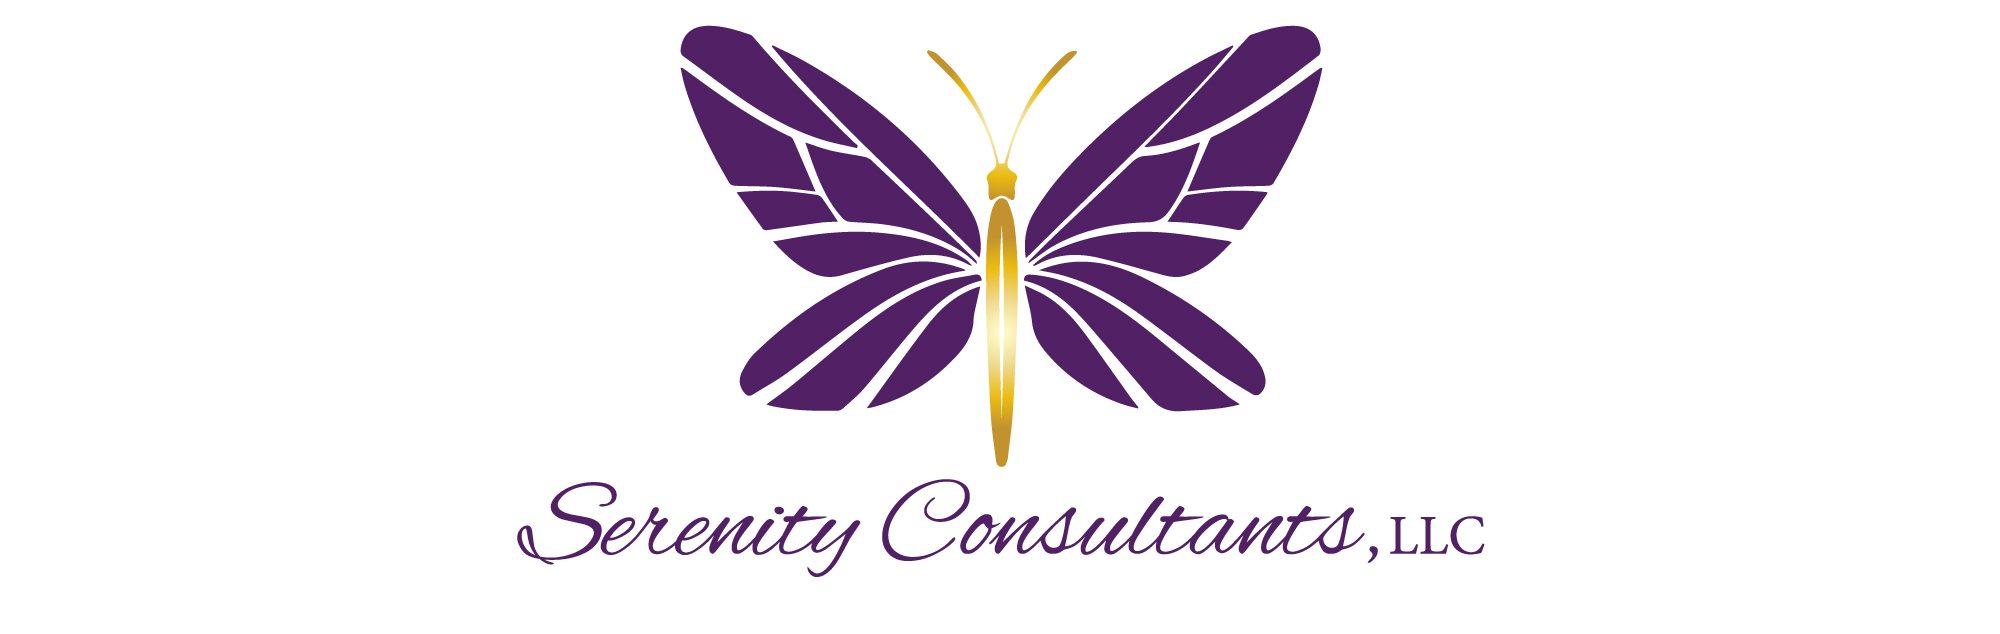 Contact us at 912-349-2969